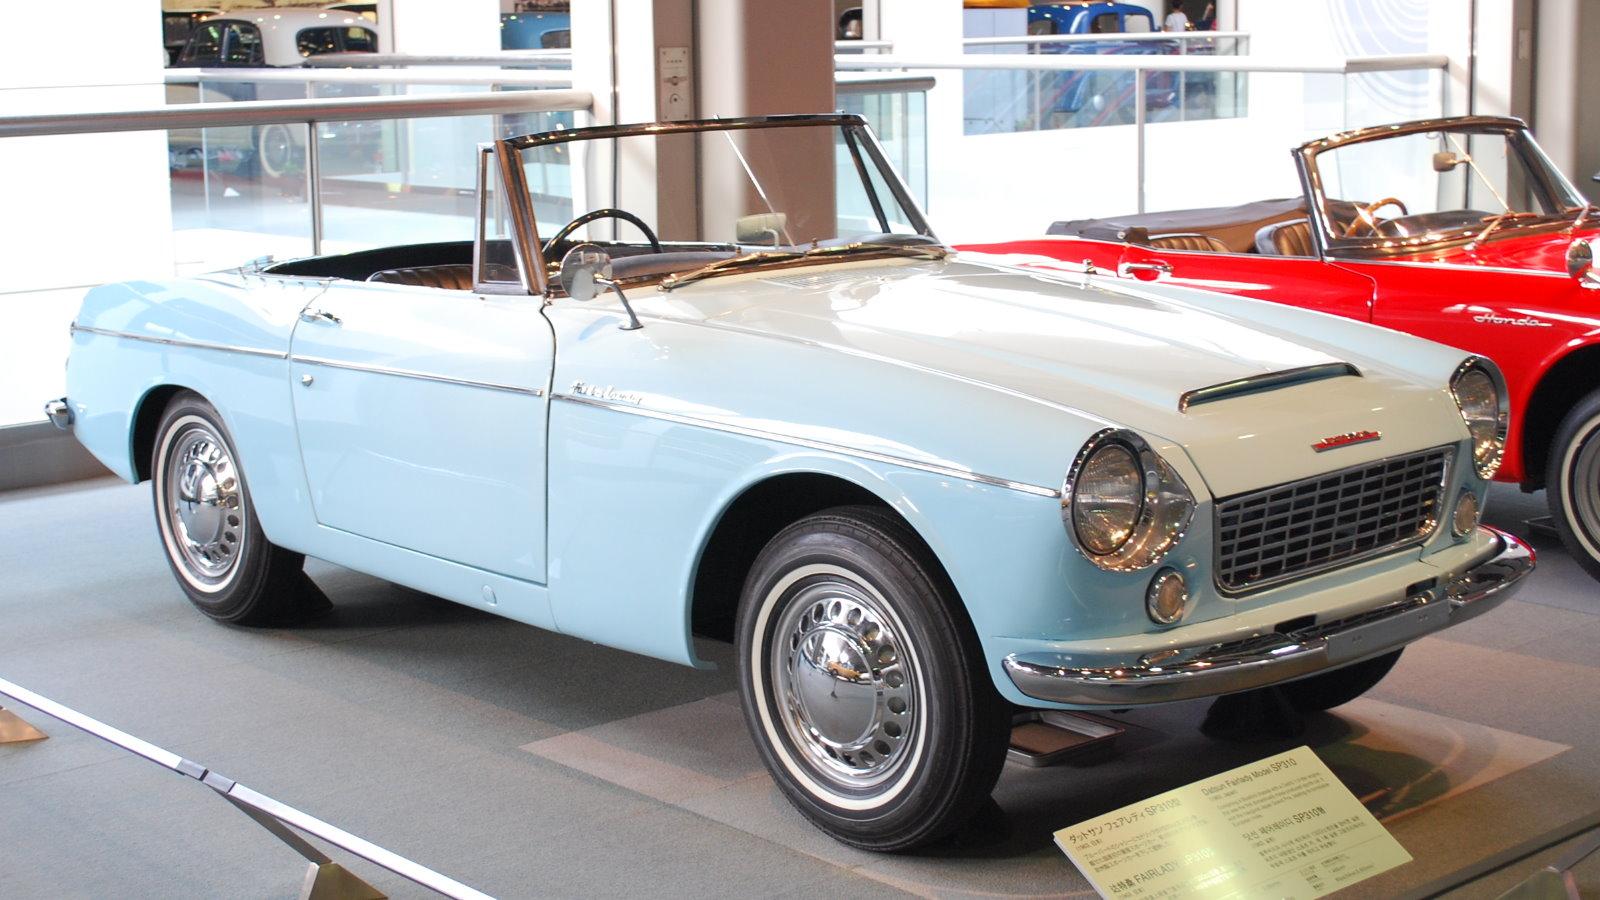 ダットサン・フェアレディ SP310 型